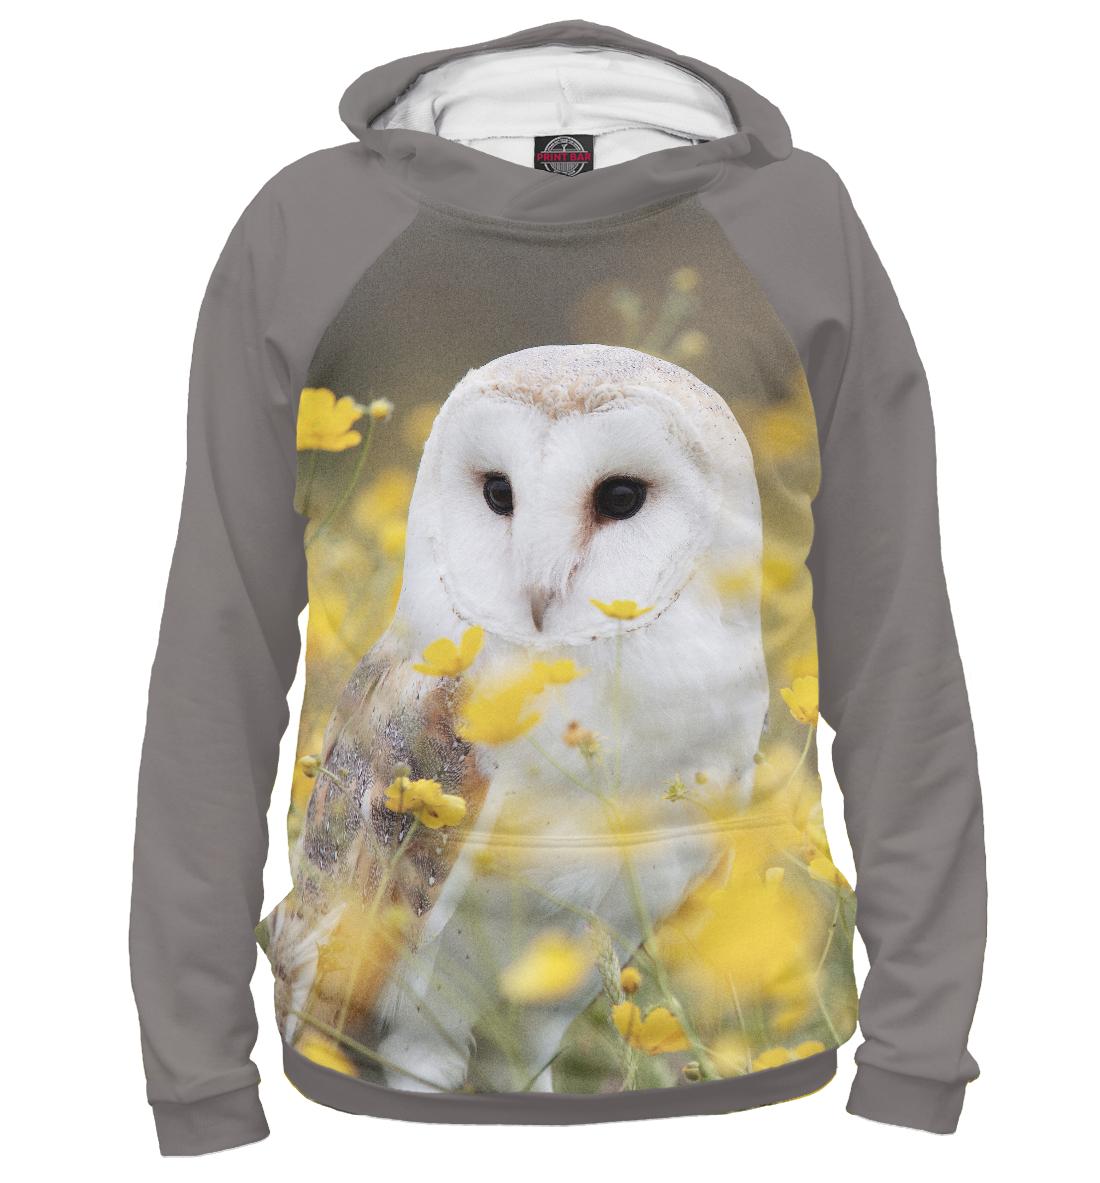 Купить Сова, Printbar, Худи, OWL-993004-hud-2